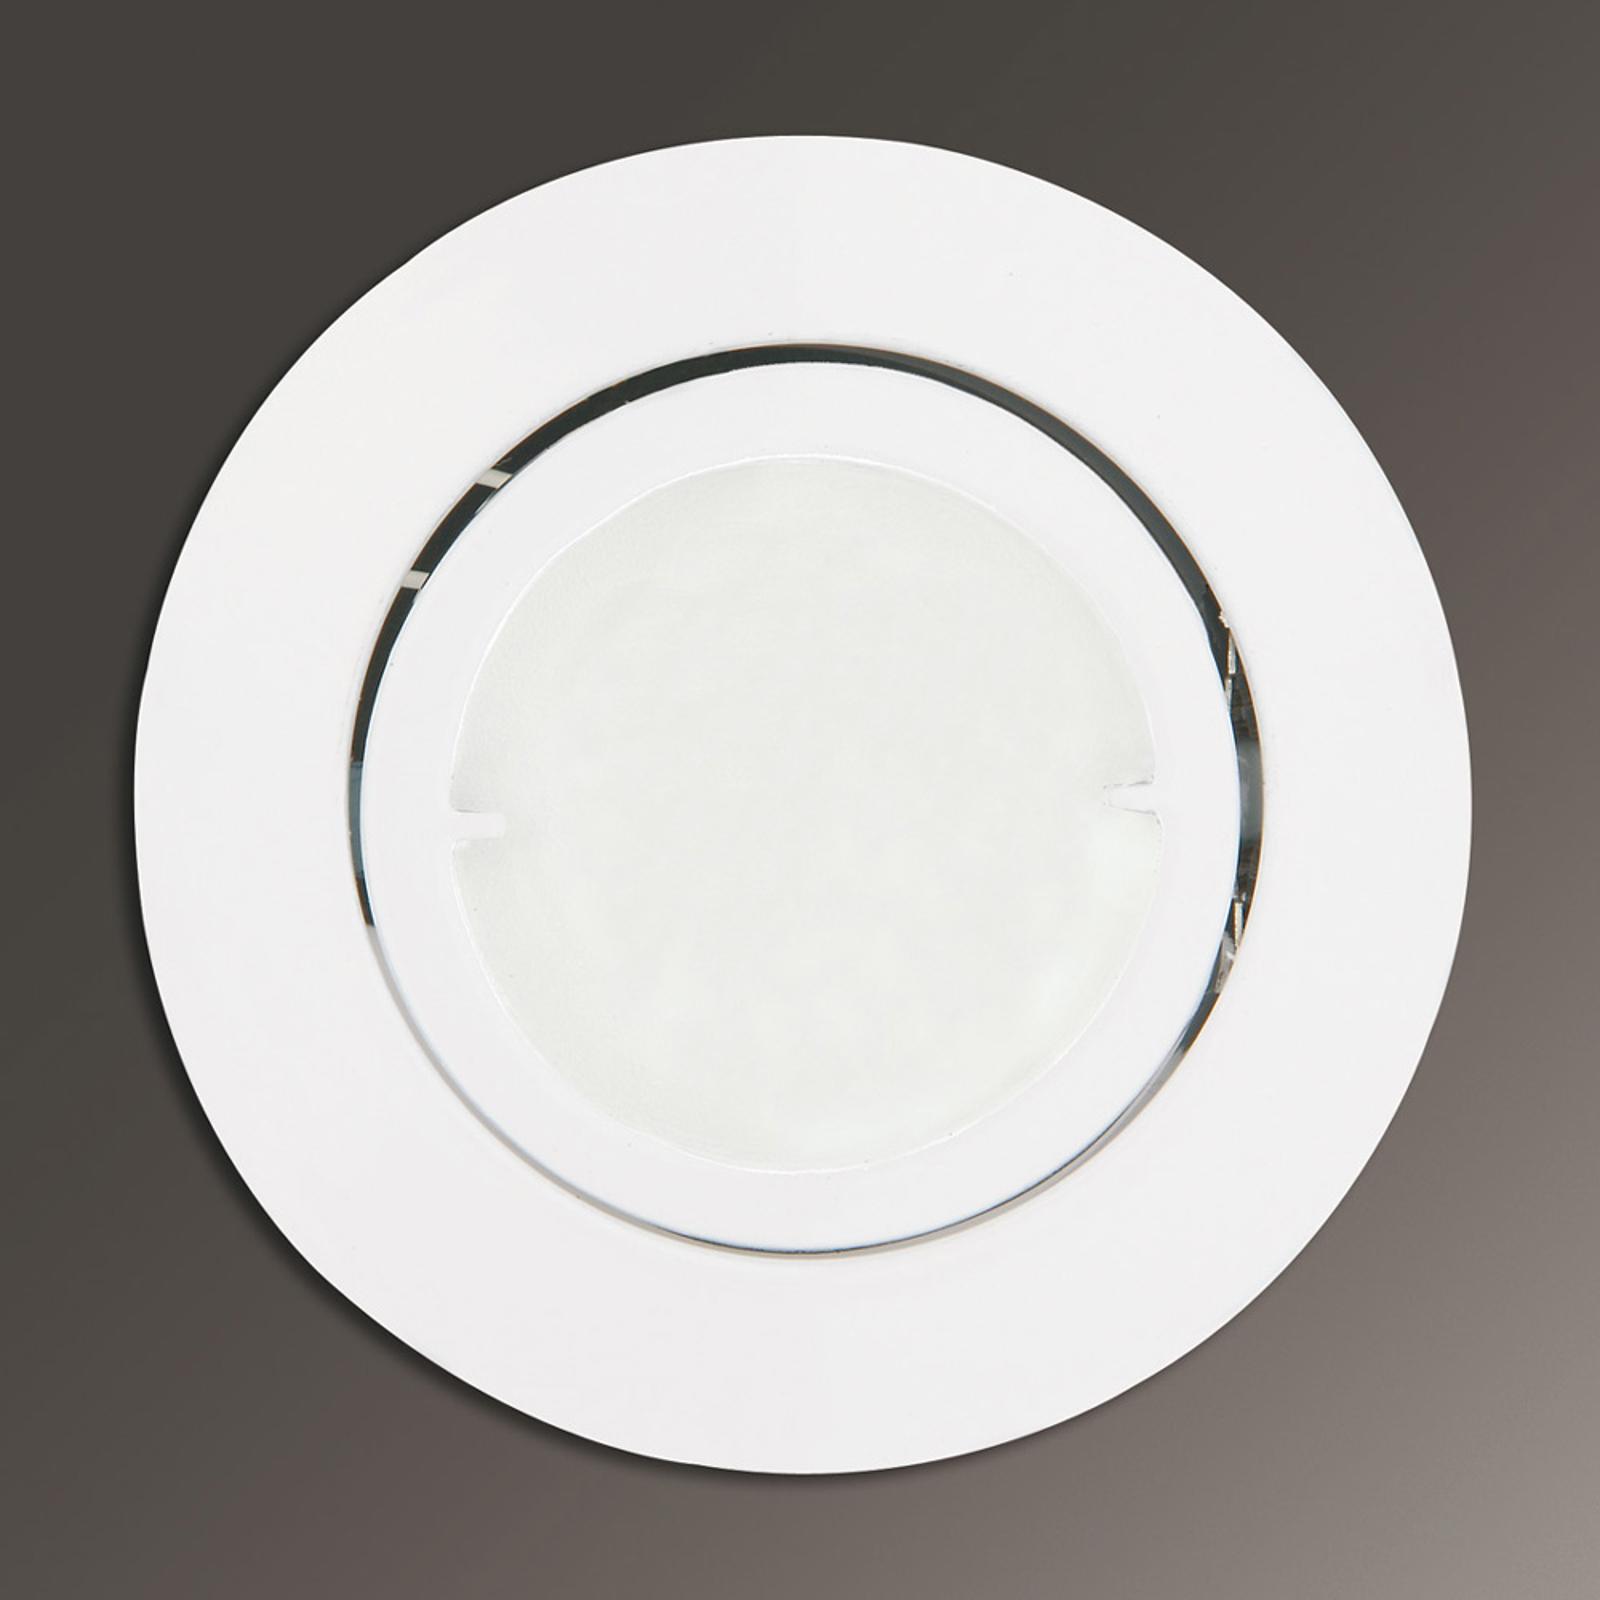 Joanie - oprawa wpuszczana LED biała, okrągła